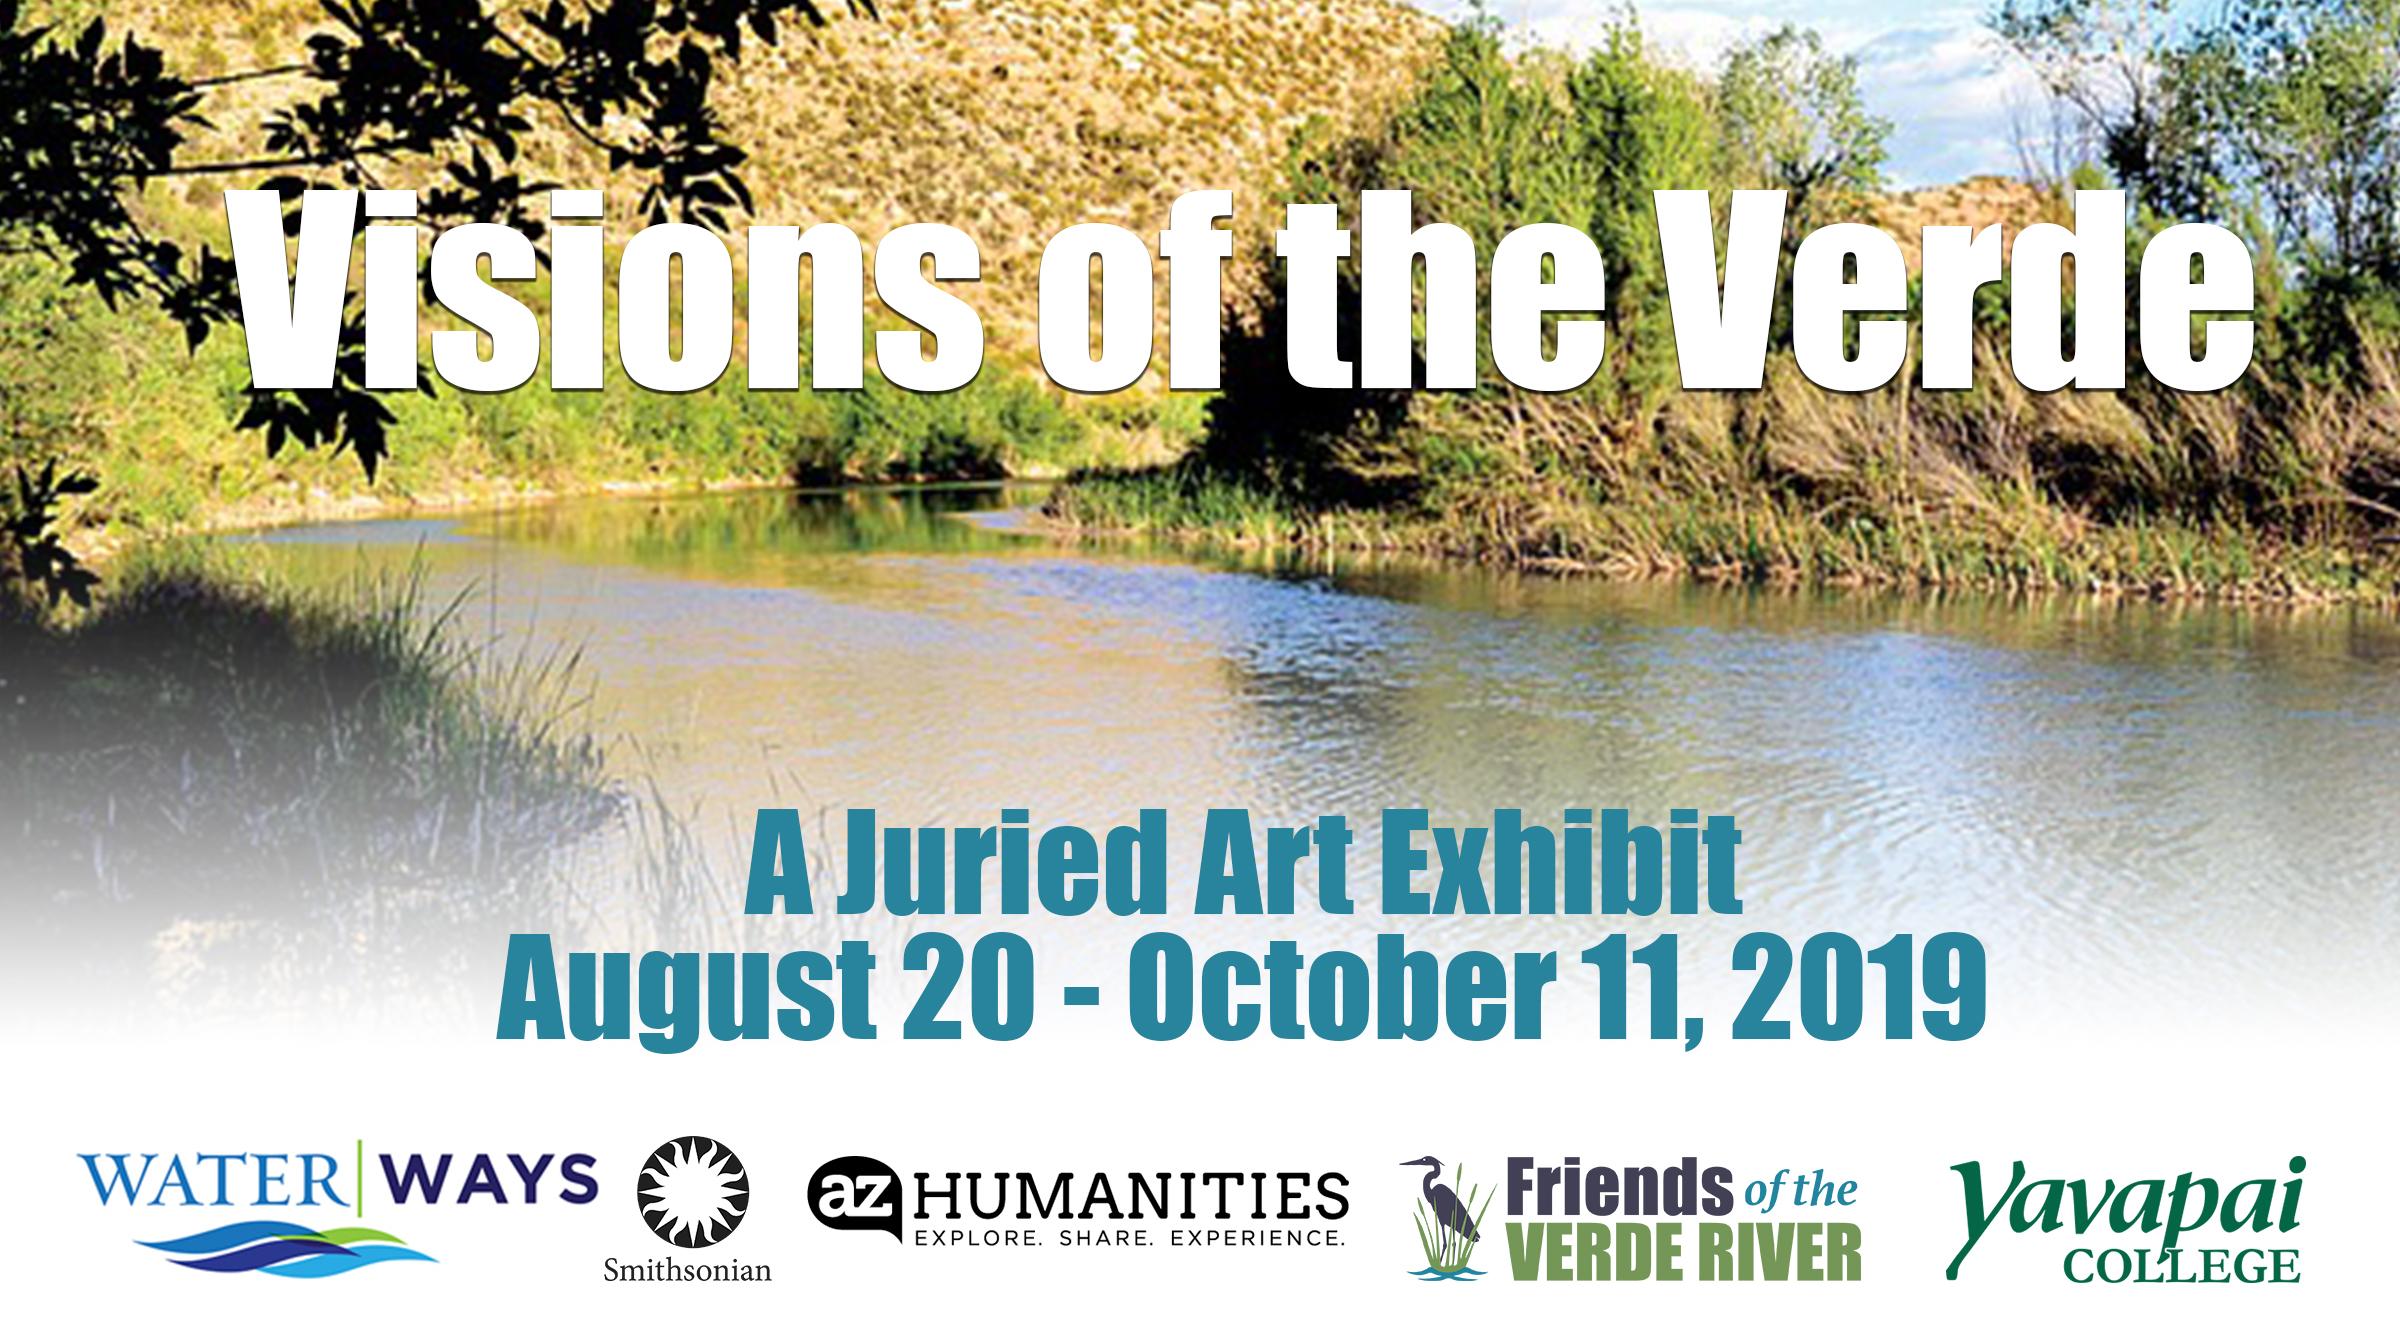 Arizona Humanities Smithsonian Water/Ways exhibit comes to